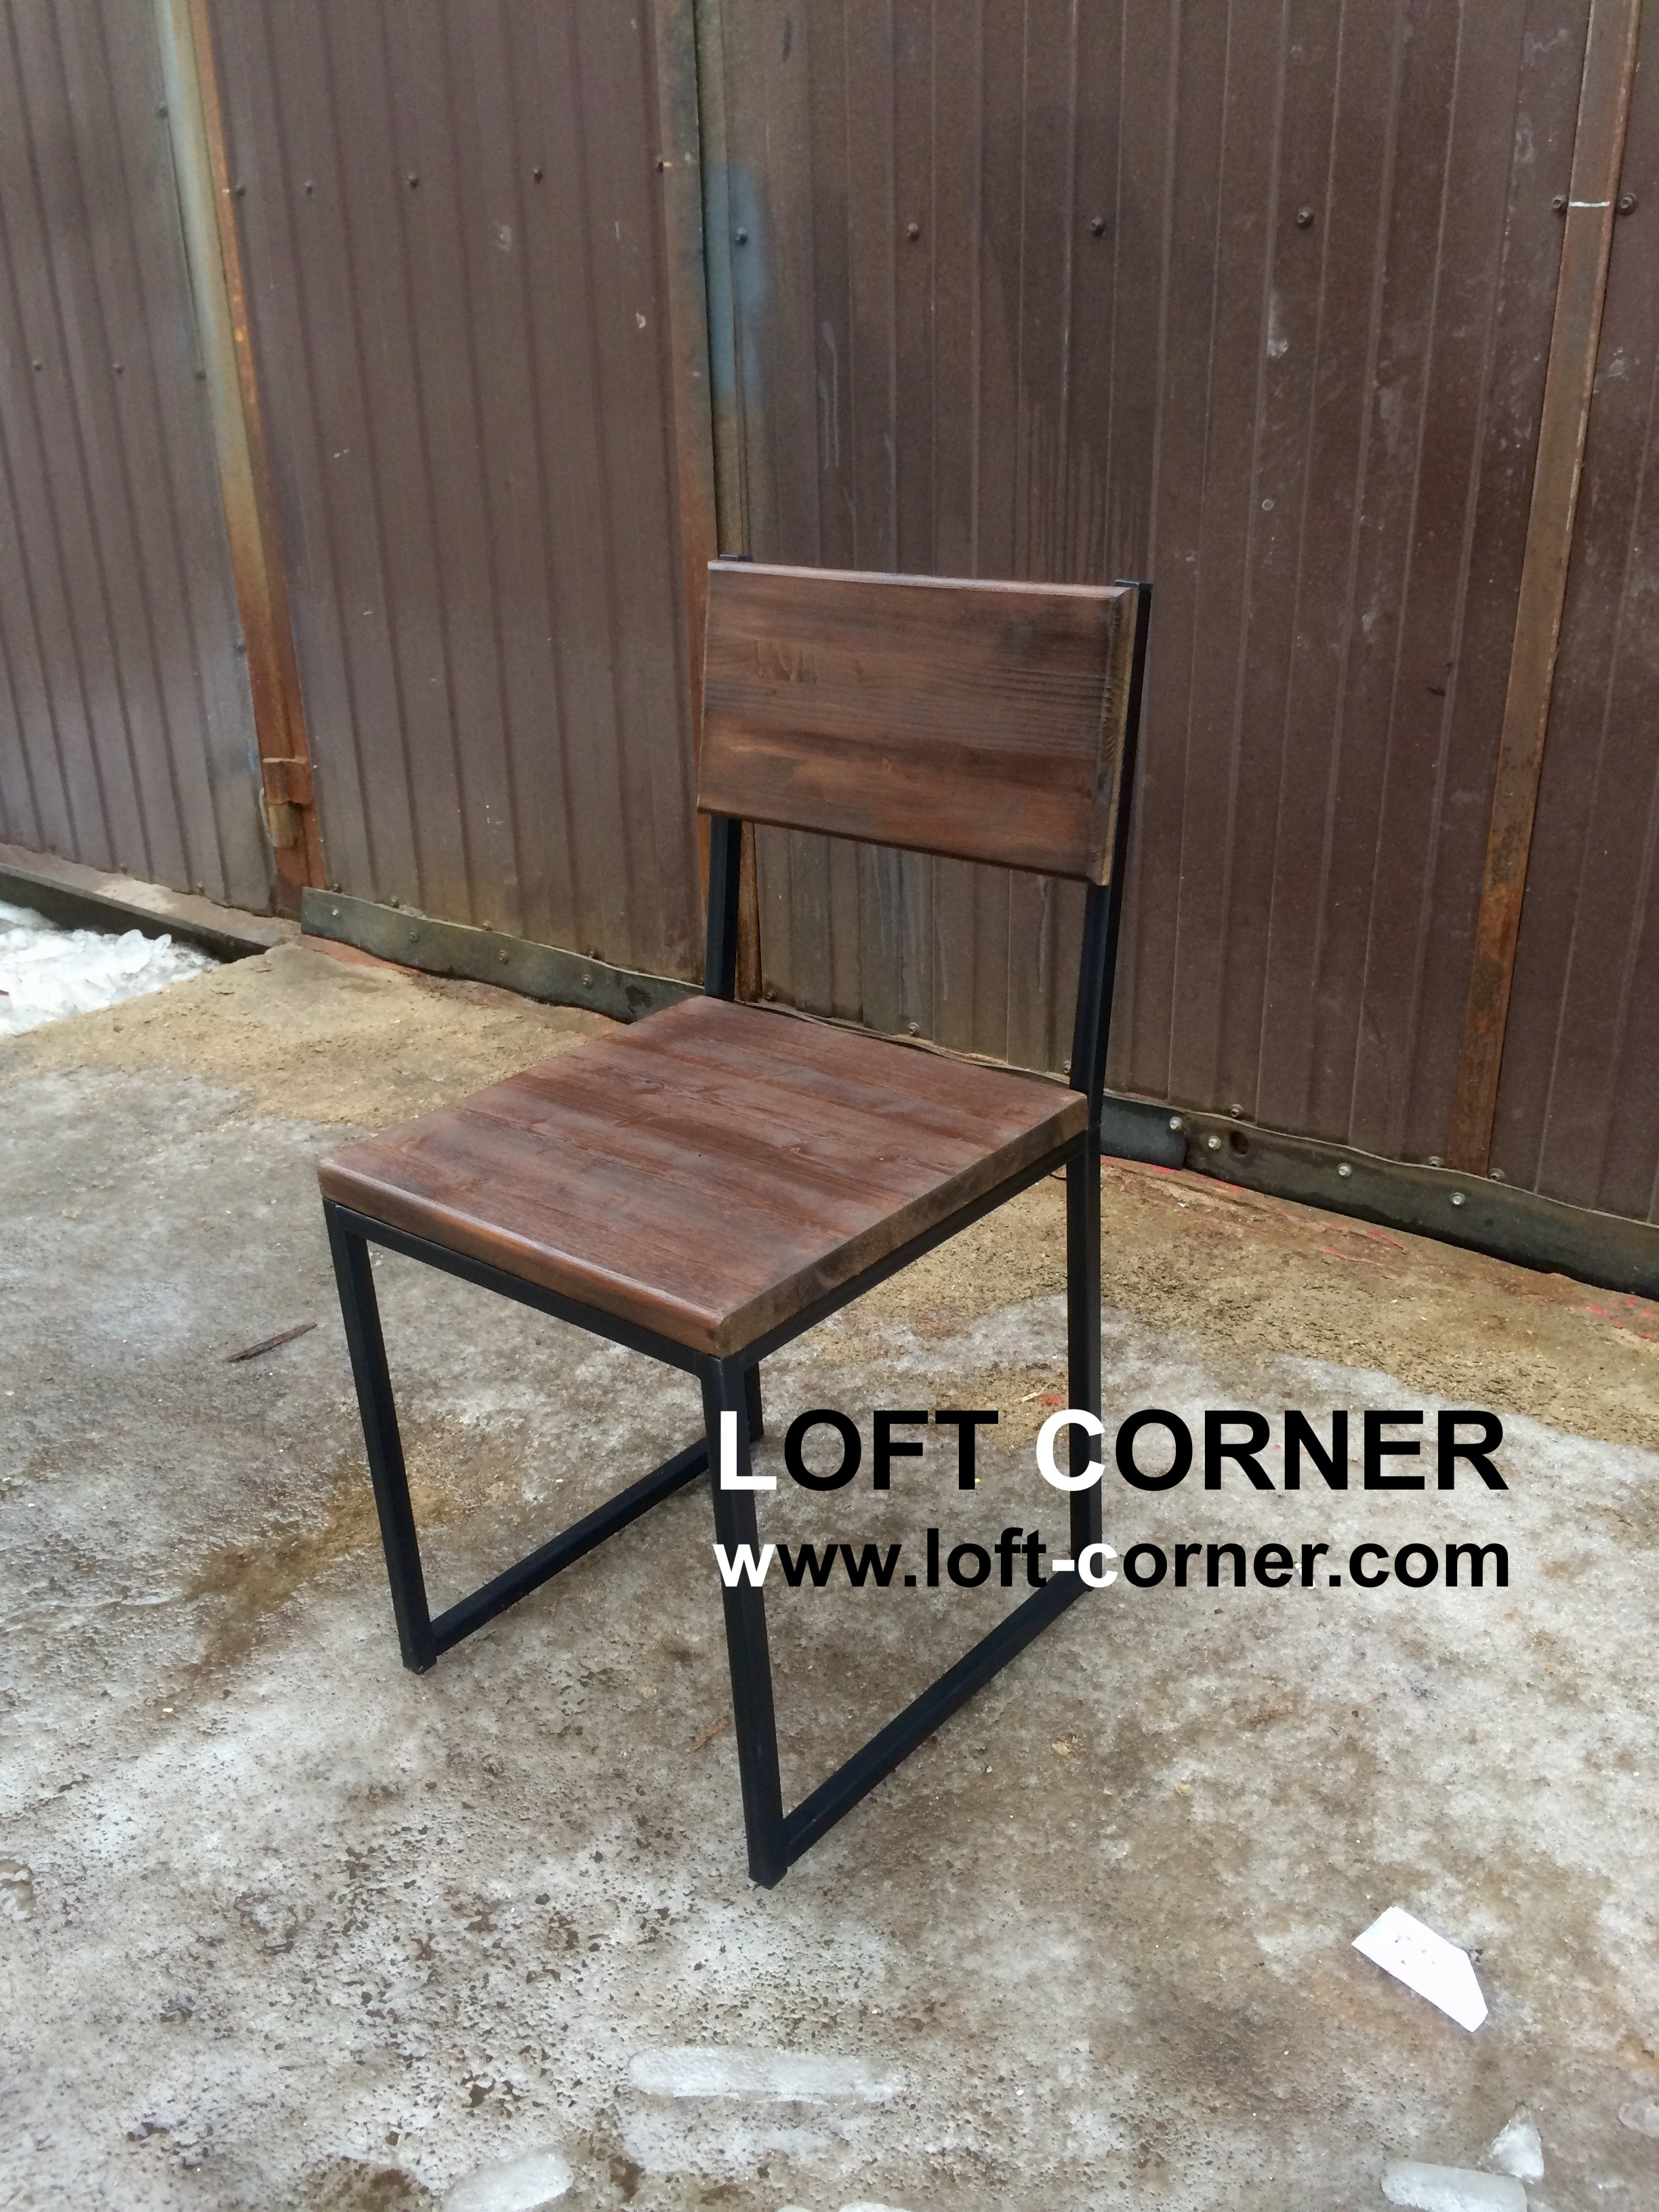 Ресторанная мебель лофт, ресторанный стул лофт, барная мебель лофт, стул индастриал, стул лофт